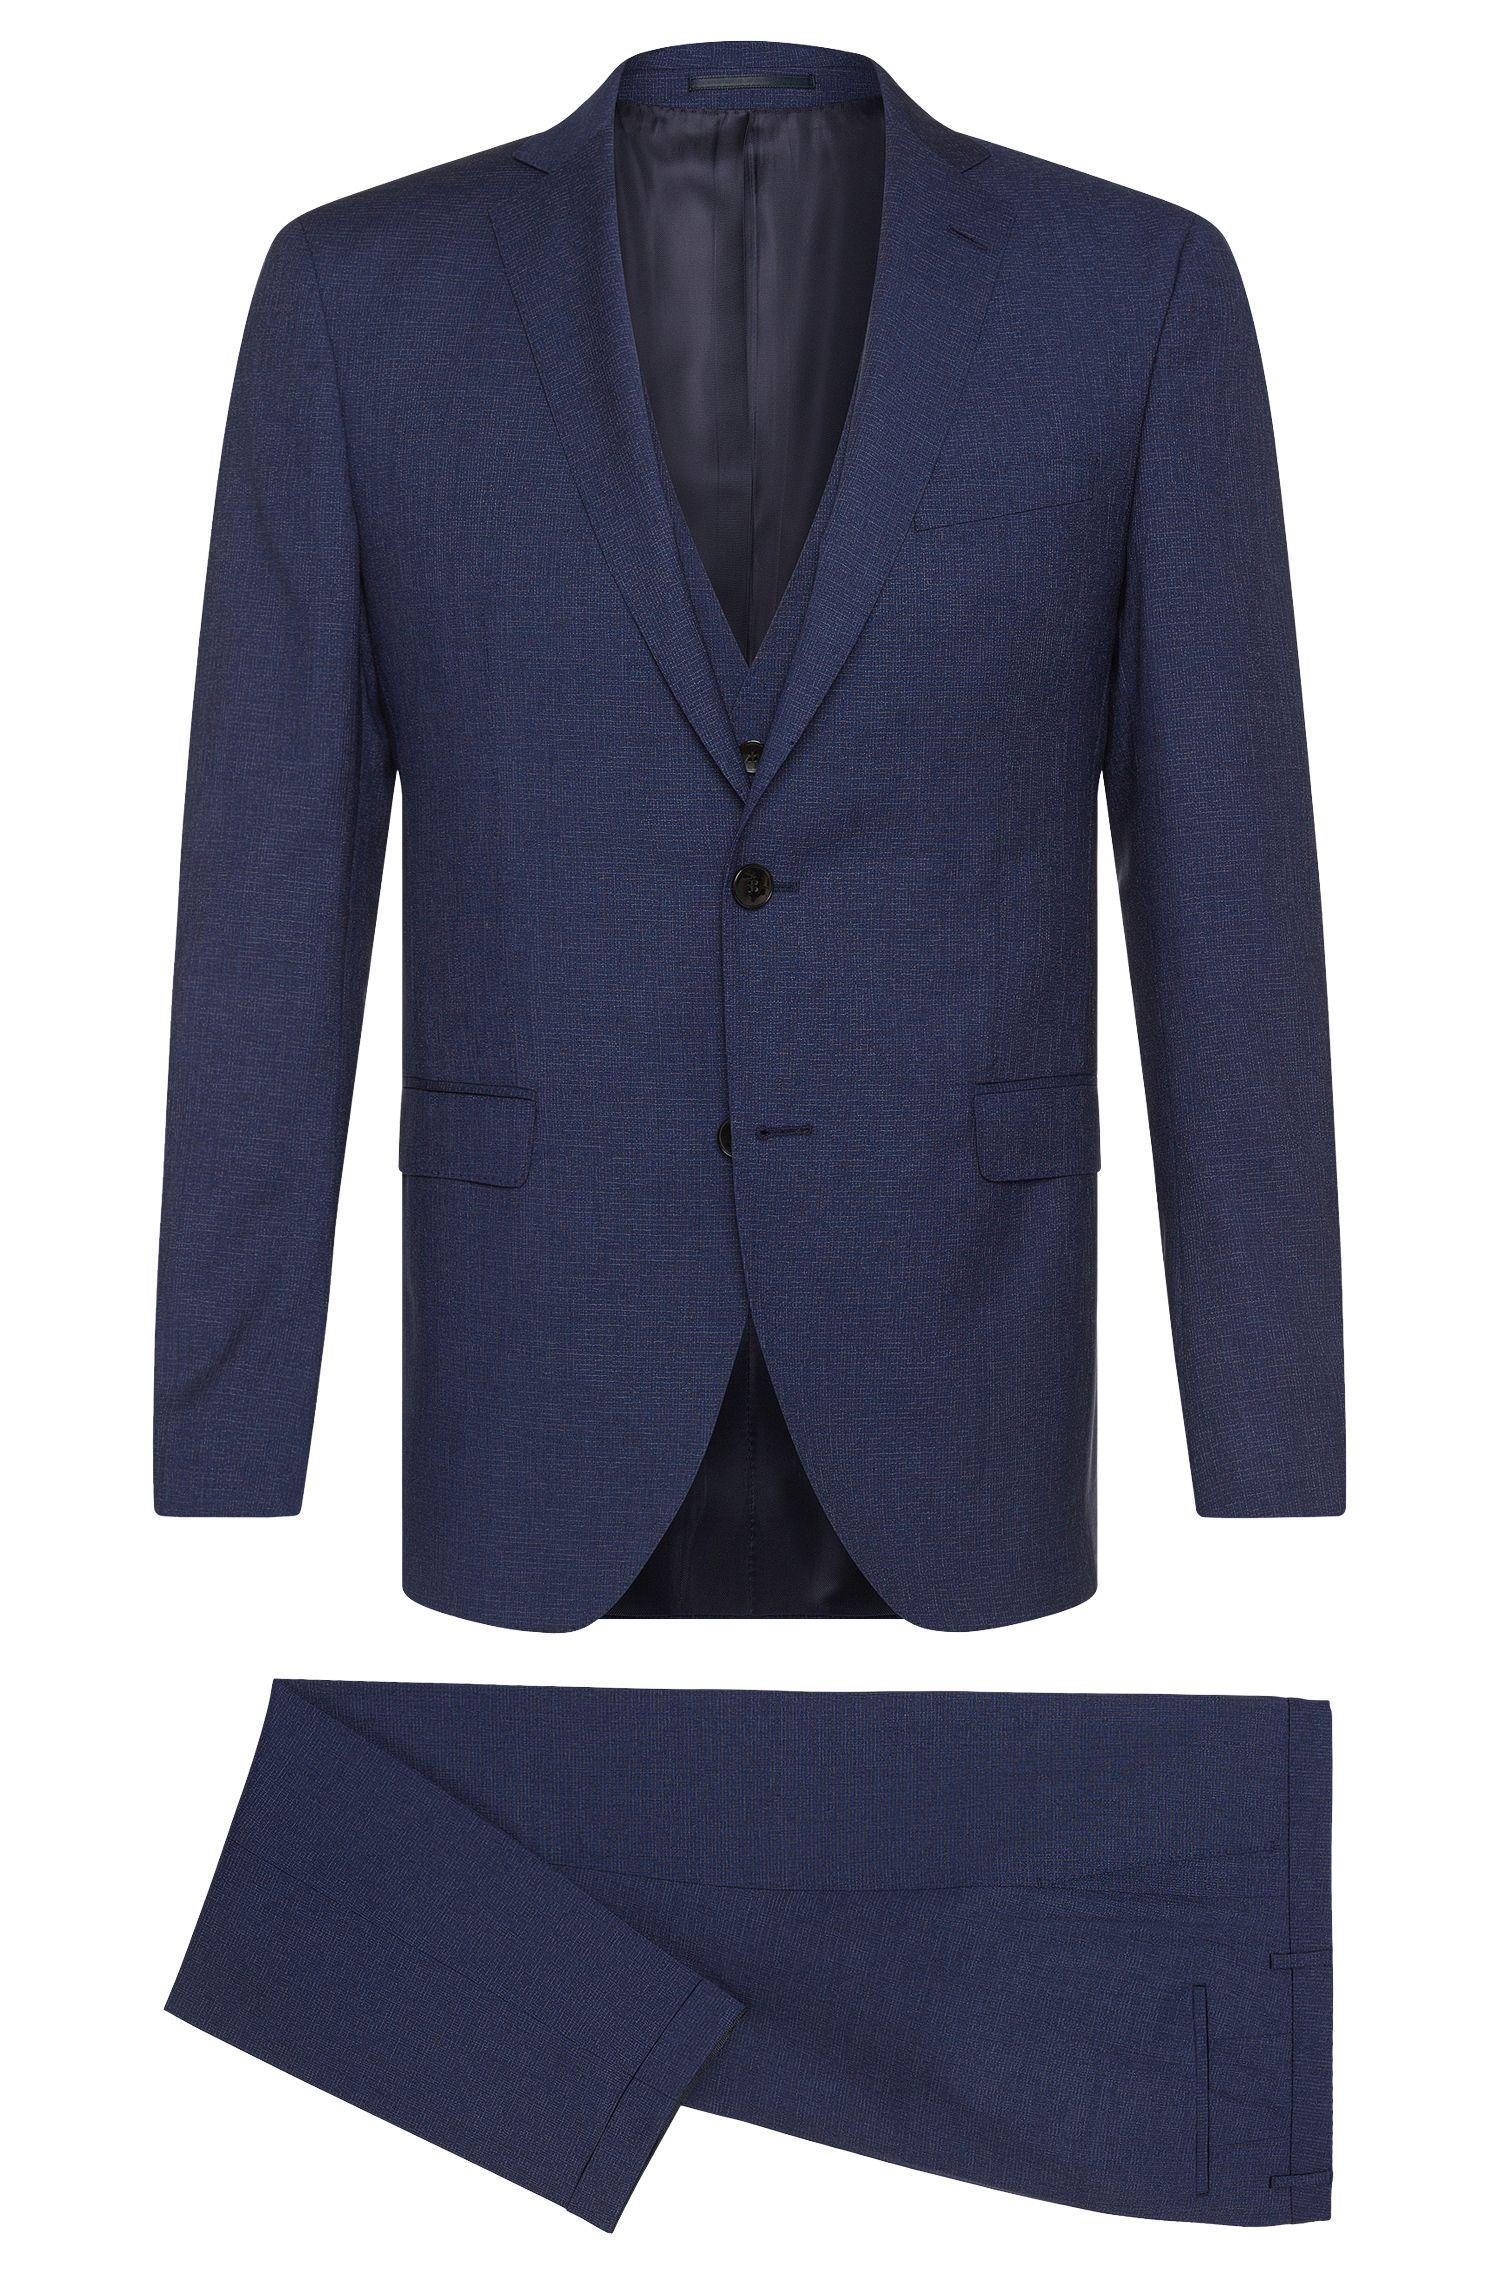 Virgin Wool Silk Blend 3-Piece Suit, Extra-Slim Fit | Reyno/Wave WE